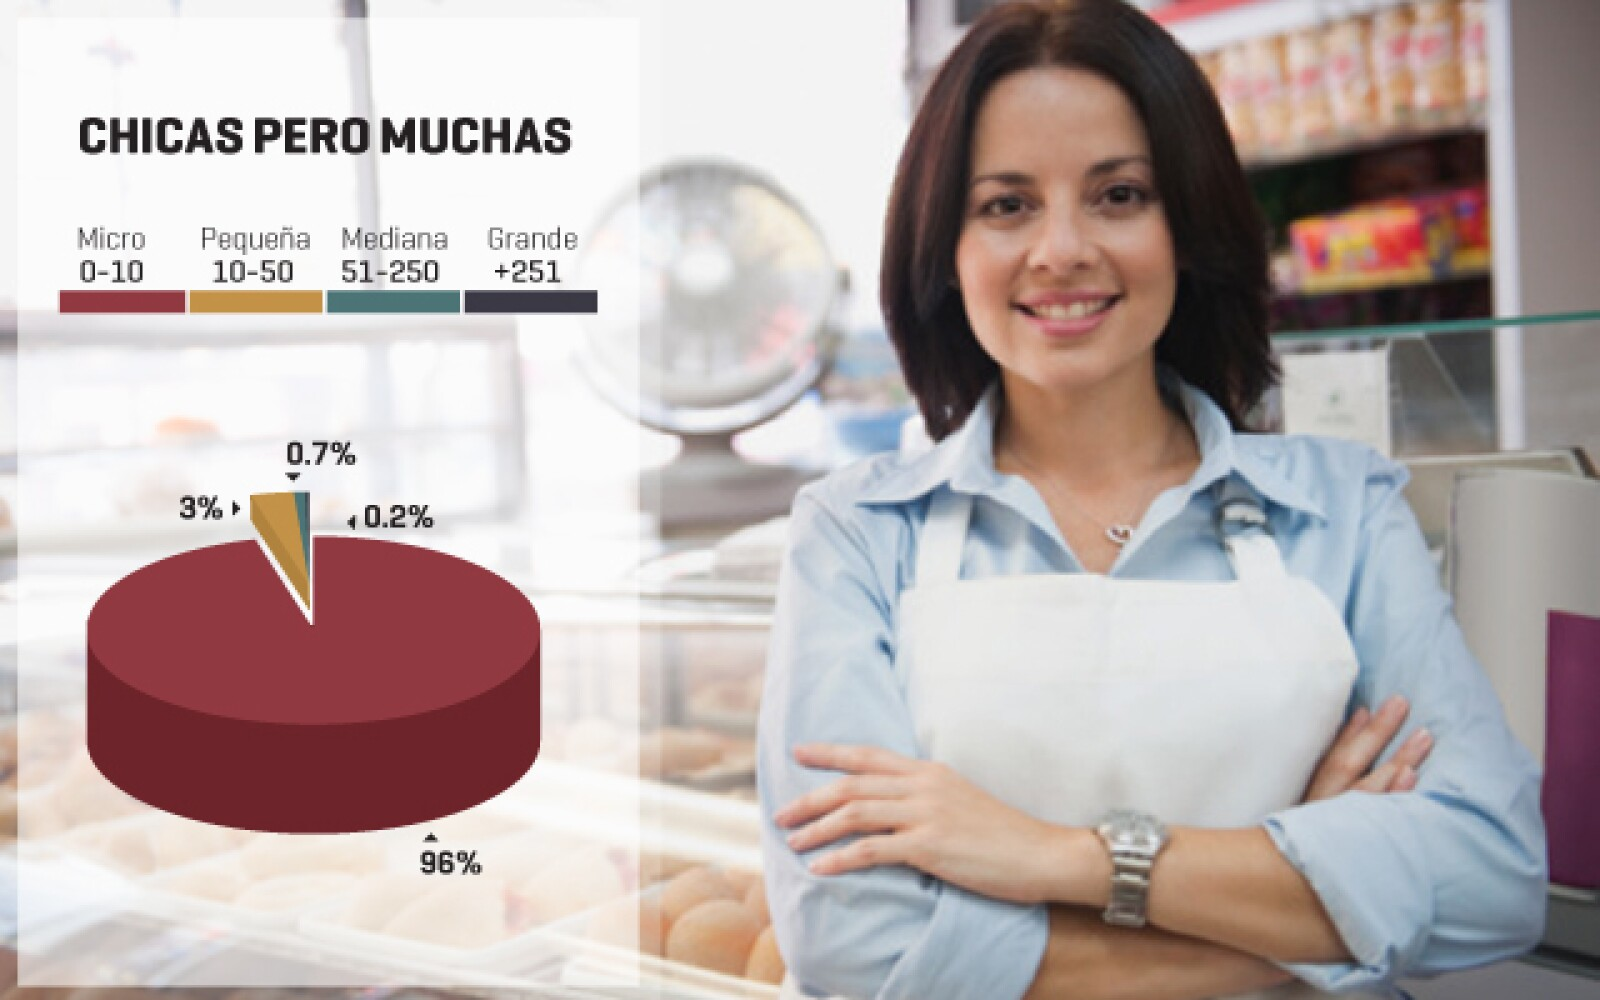 El 96% de las 5.1 millones de compañías en México operan únicamente con 10 empleados o menos. El 0.7% tiene de 10 a 50 trabajadores y un 3% trabaja con 51 a 250 personas. El 0.2% restante utiliza más de 251 empleados.